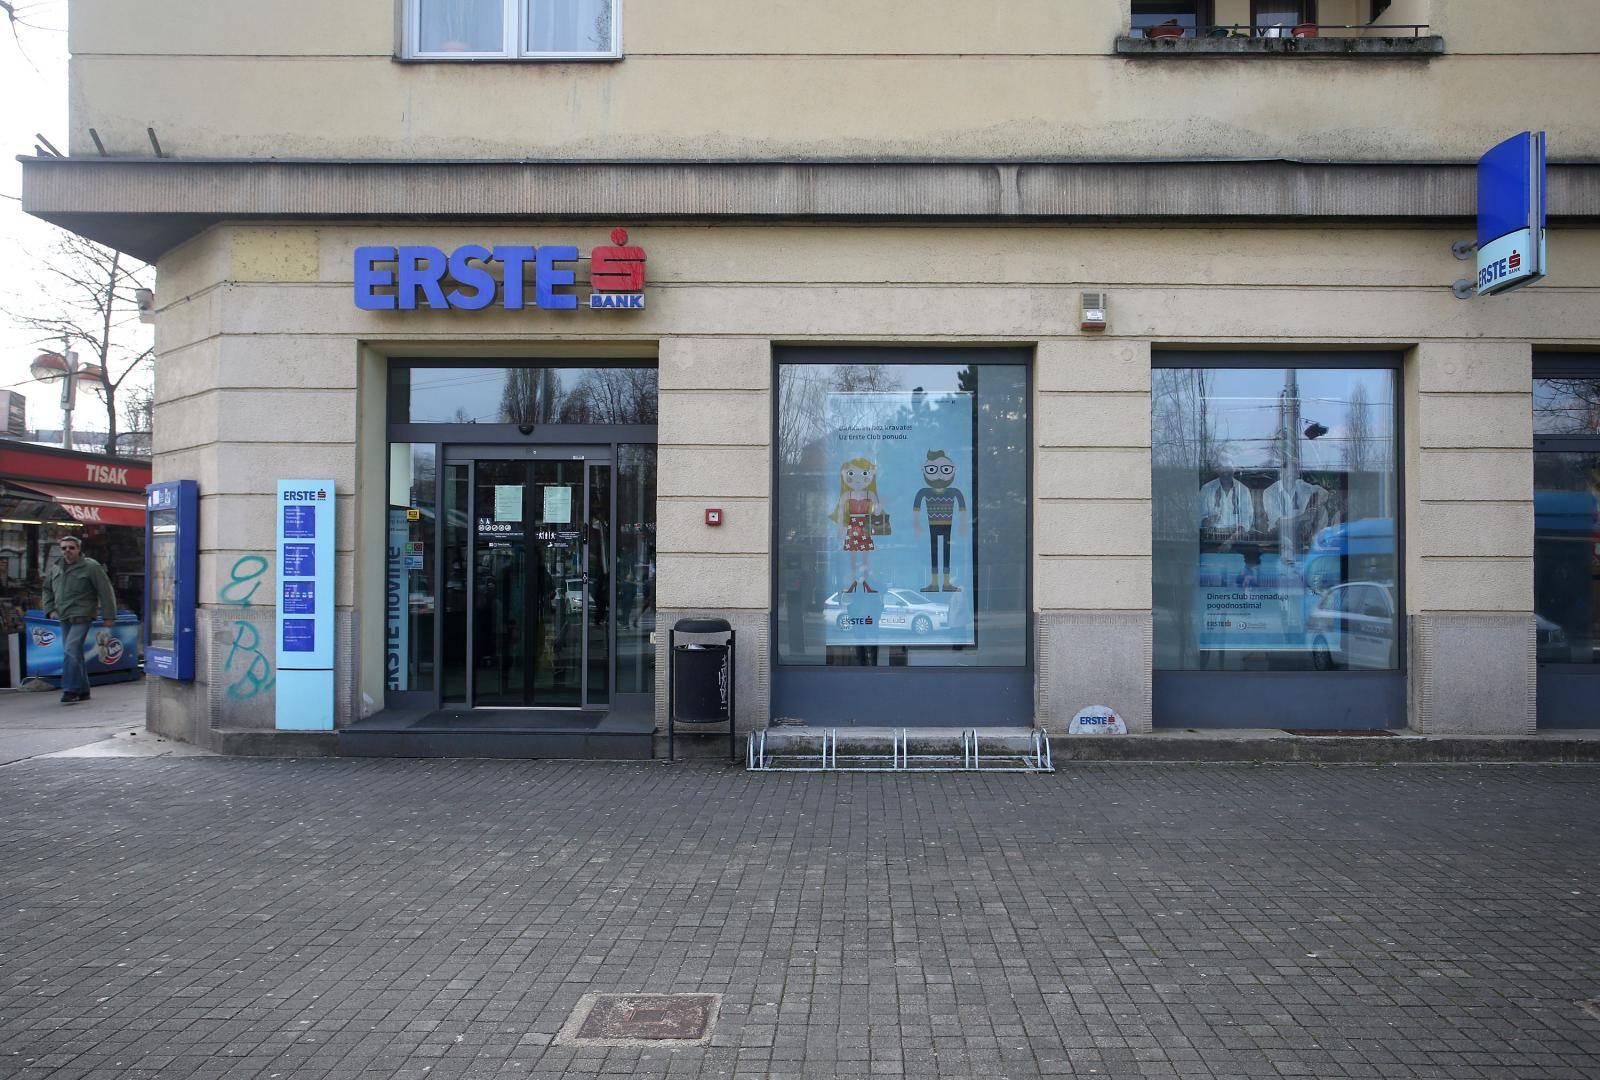 Erste banka privremeno otvara dodatnih 12 poslovnica